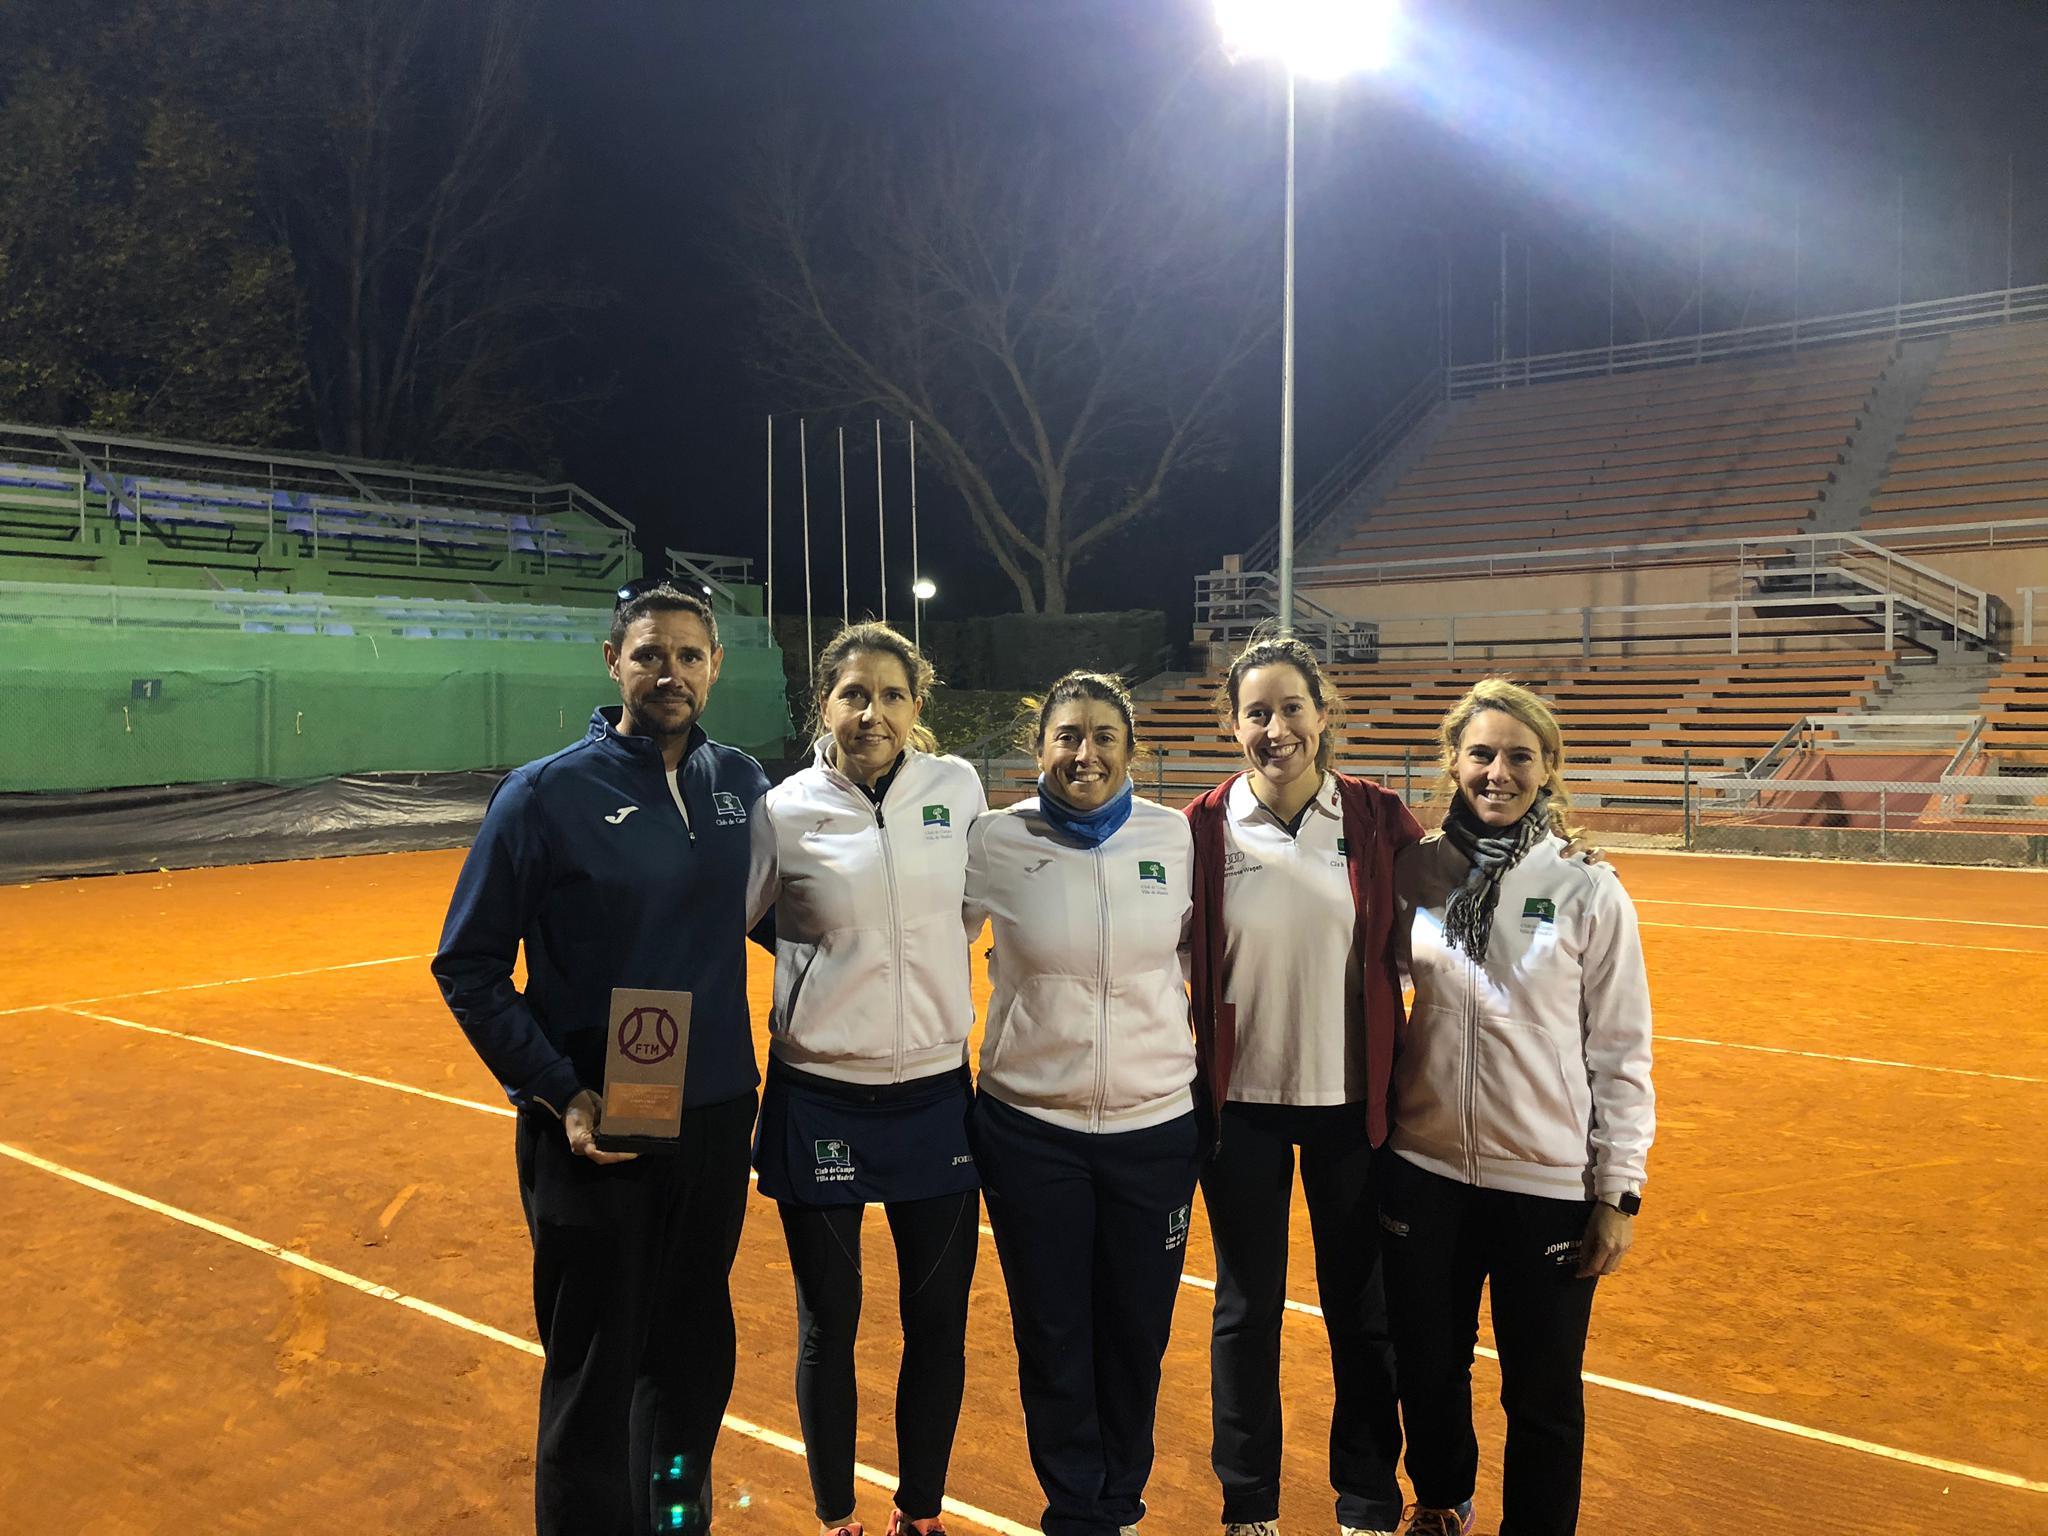 En la imagen, Carlos Tolsada, capitán del equipo absoluto femenino, y las jugadoras Alejandra Vilariño, María José Serrano, Lucía Ros y Chus Lara.